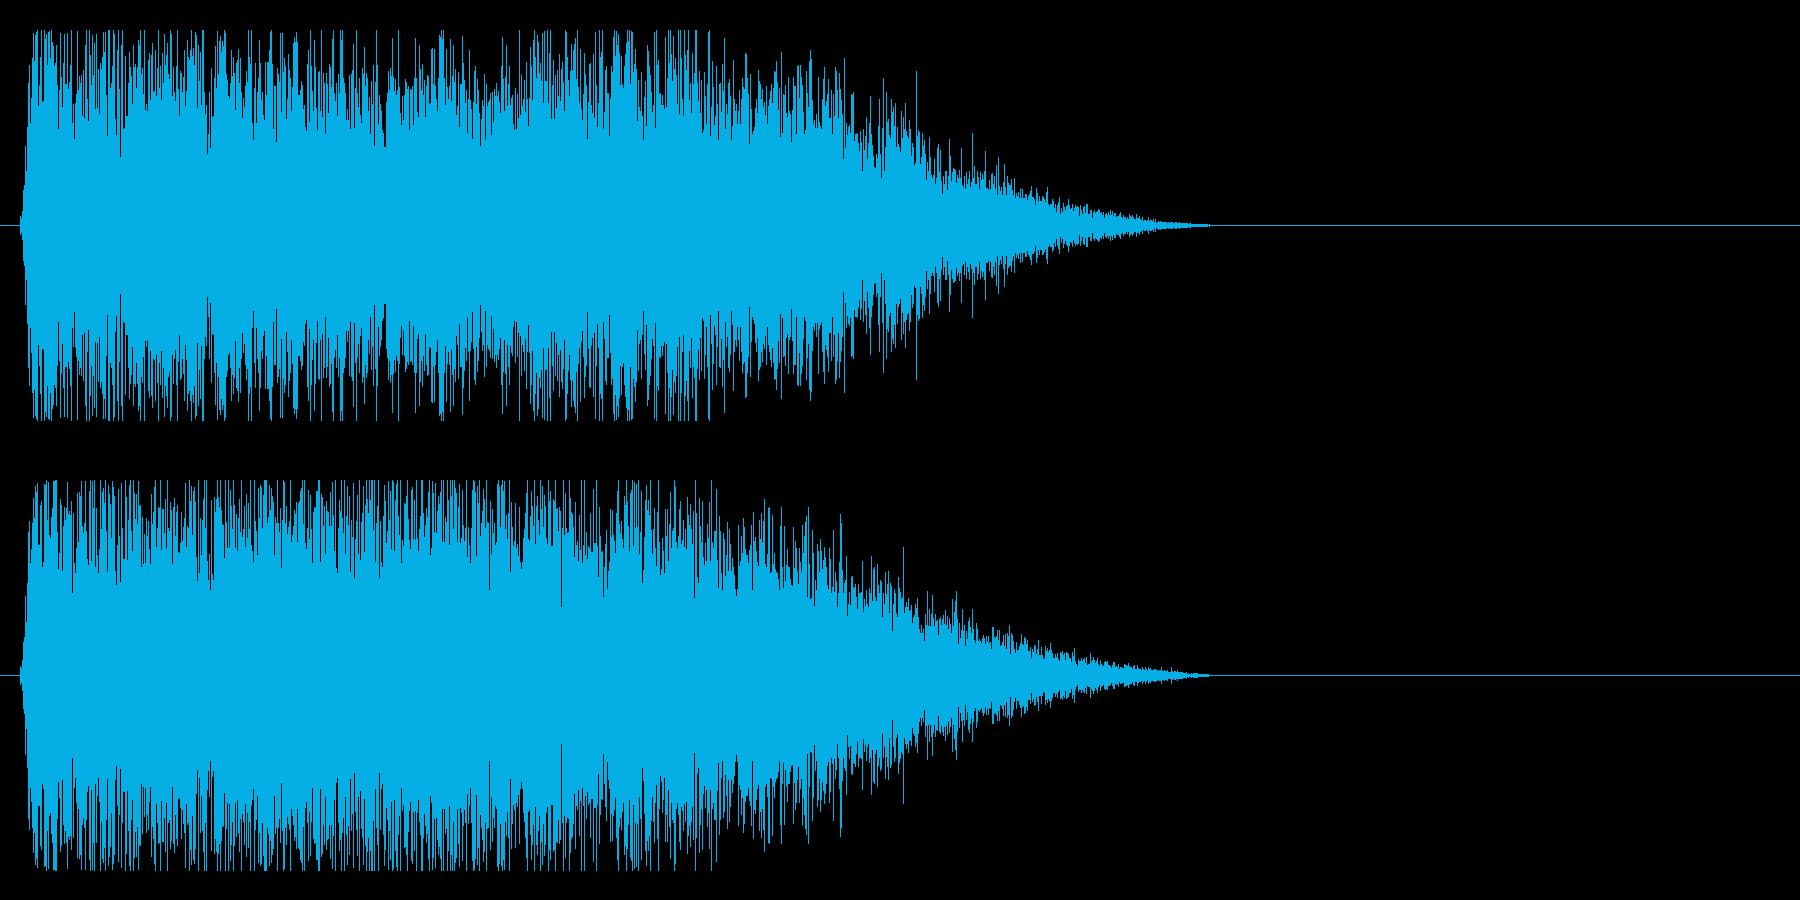 ジャーン(驚き、ショック)の再生済みの波形